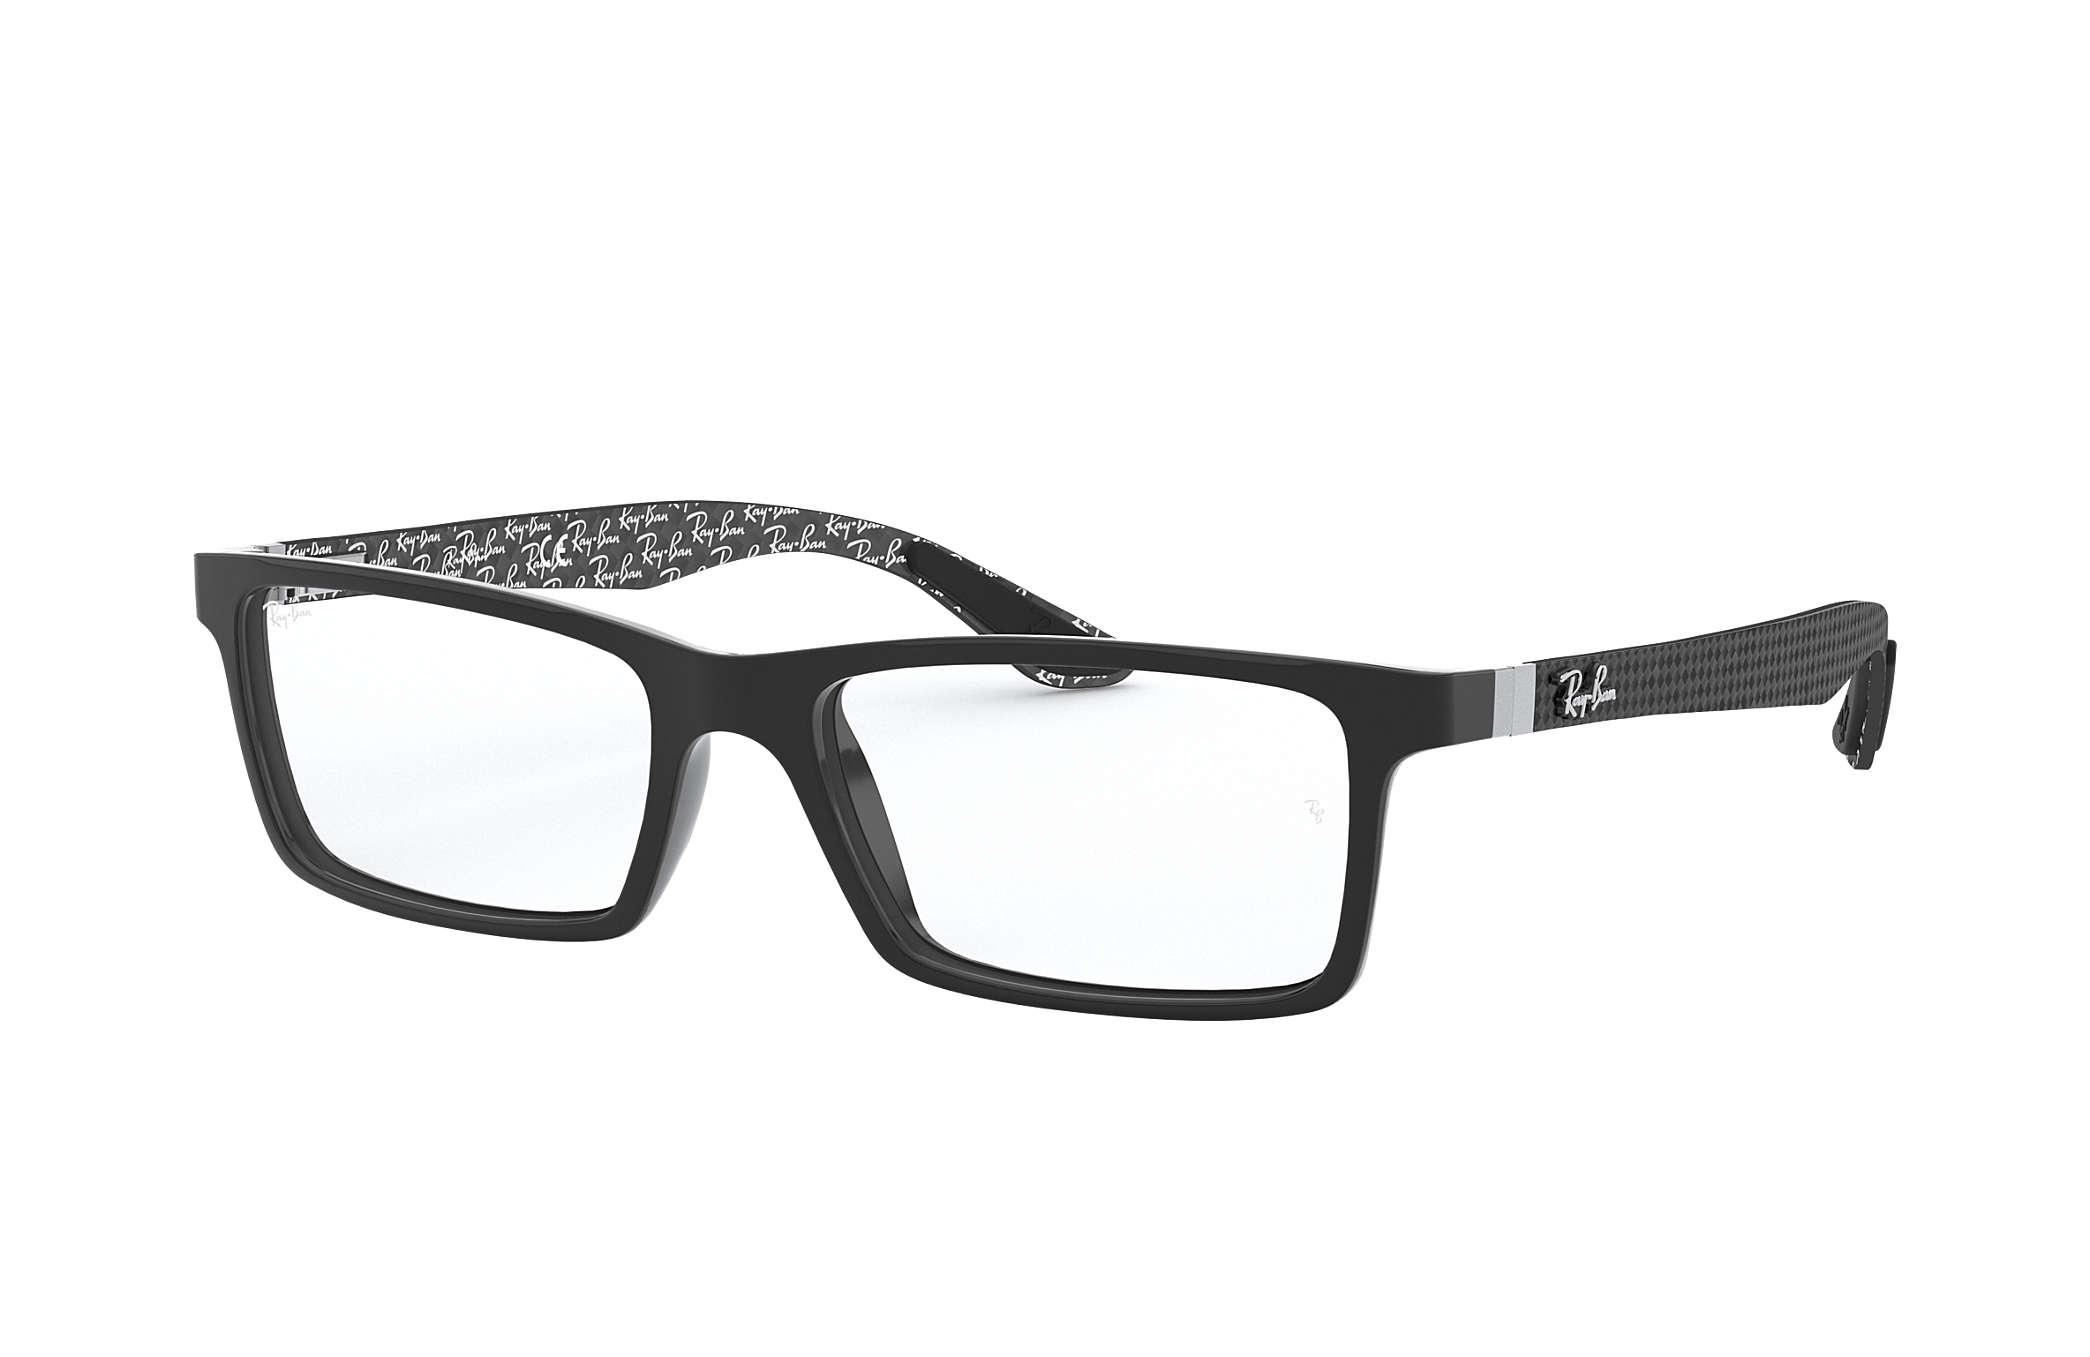 581dc00f92fa6 Ray-Ban prescription glasses RB8901 Black - Carbon Fibre ...